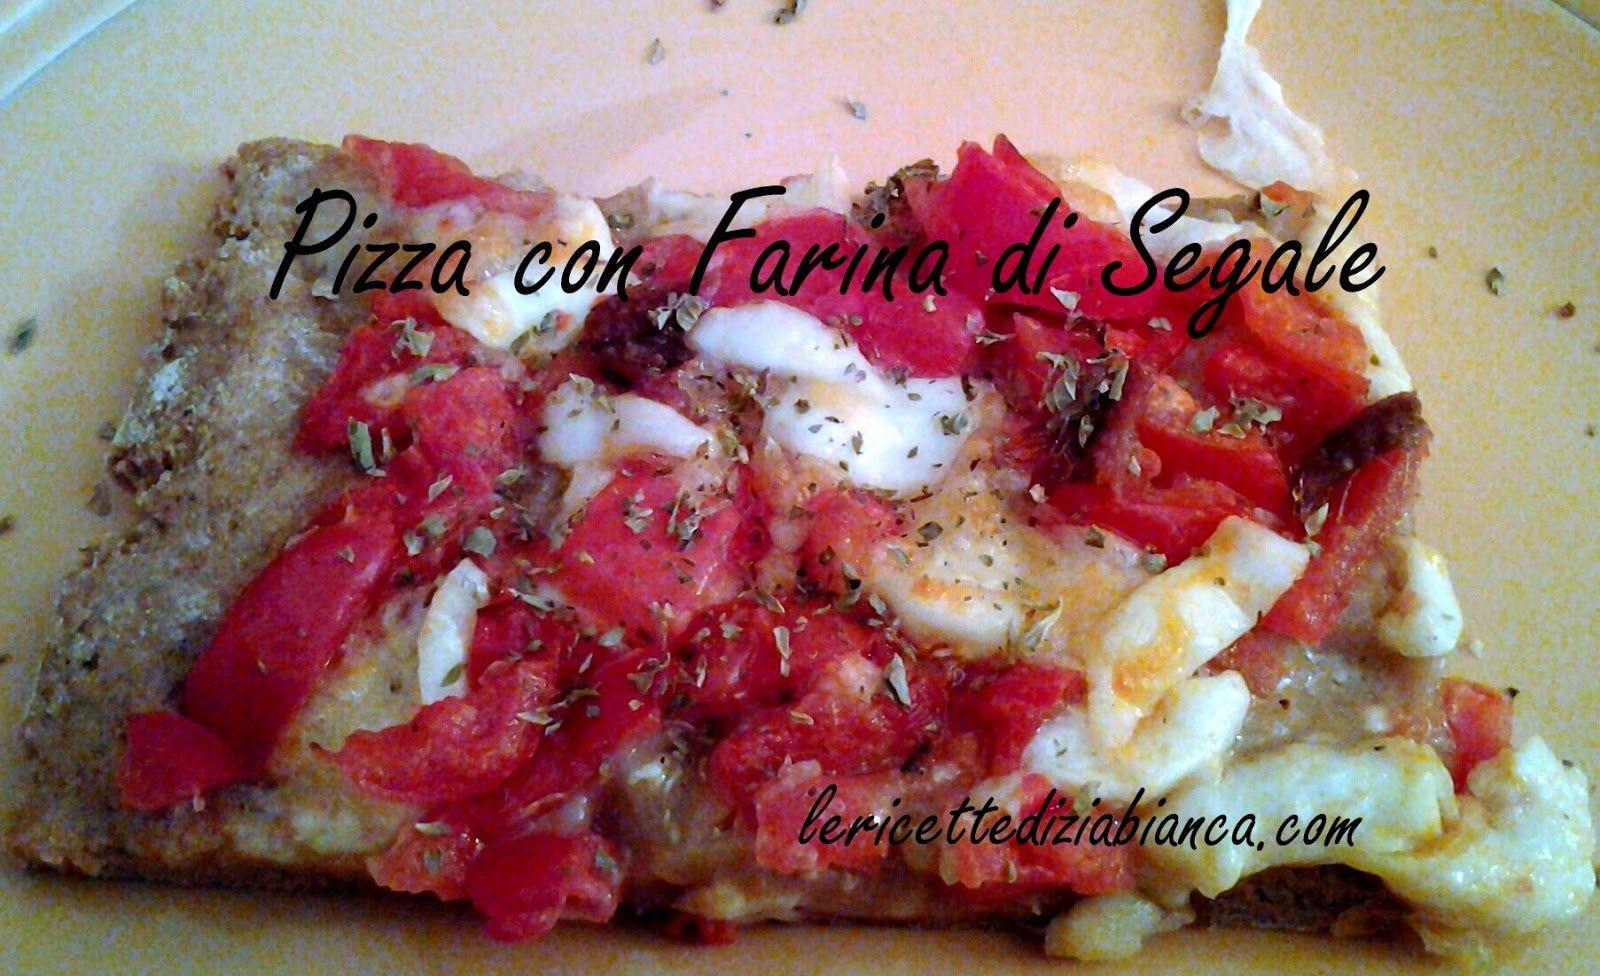 le ricette di zia bianca: Pizza con Farina di Segale